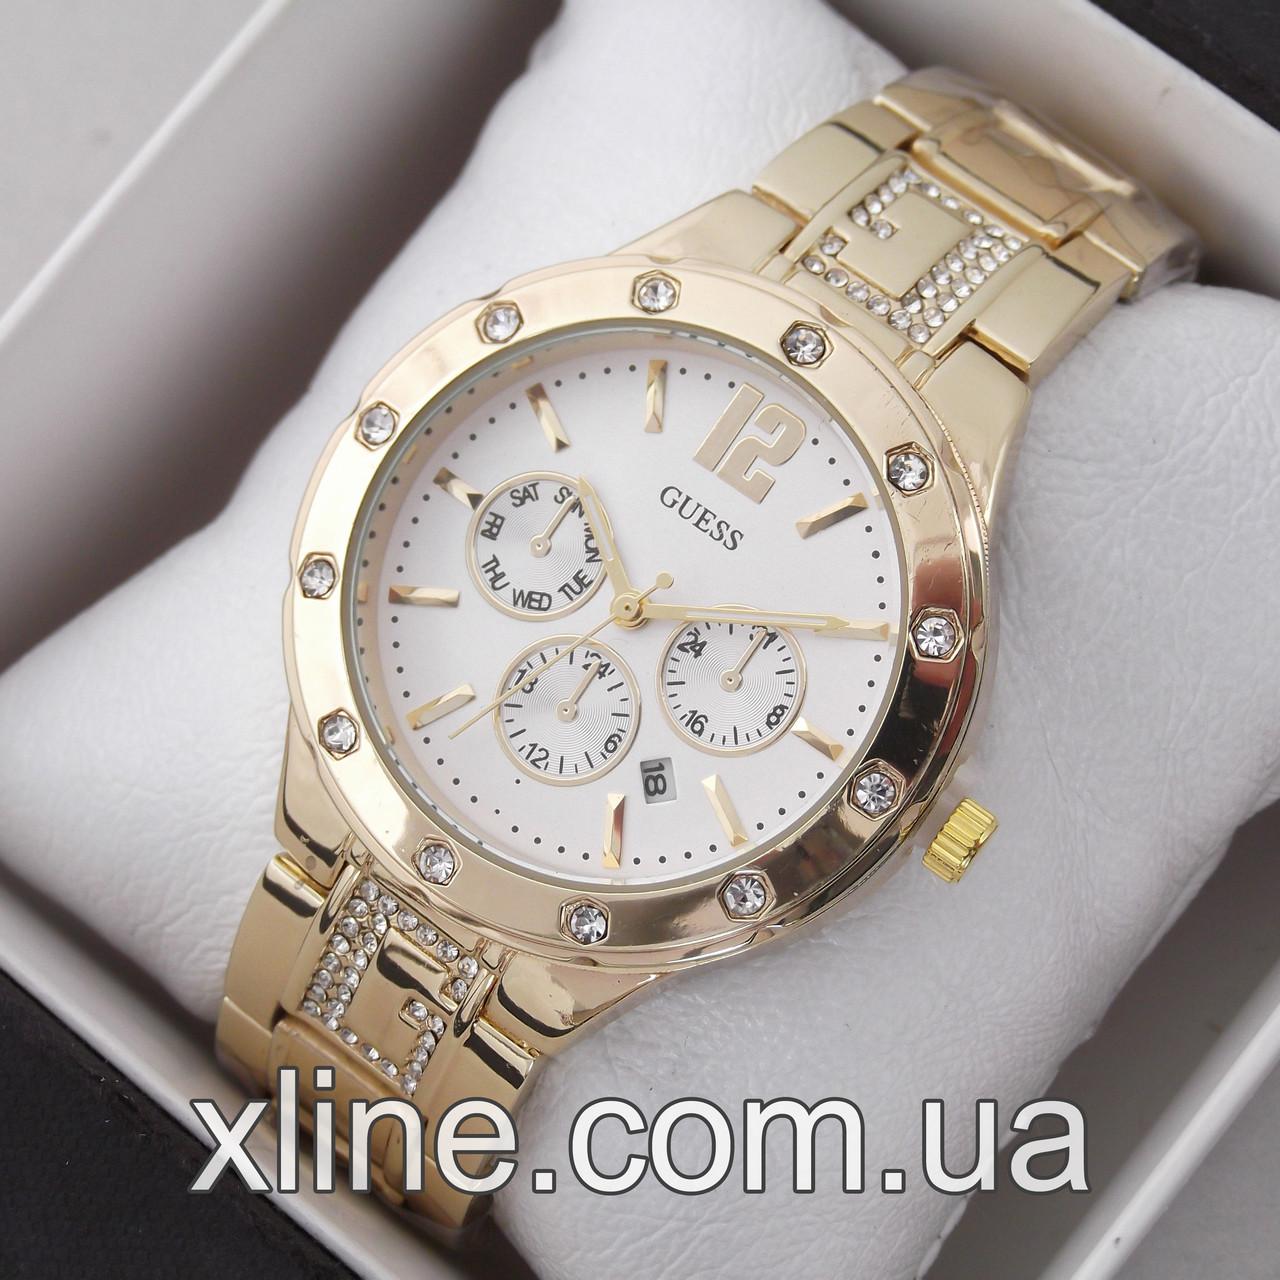 Жіночі наручні годинники Guess A43 на металевому браслеті